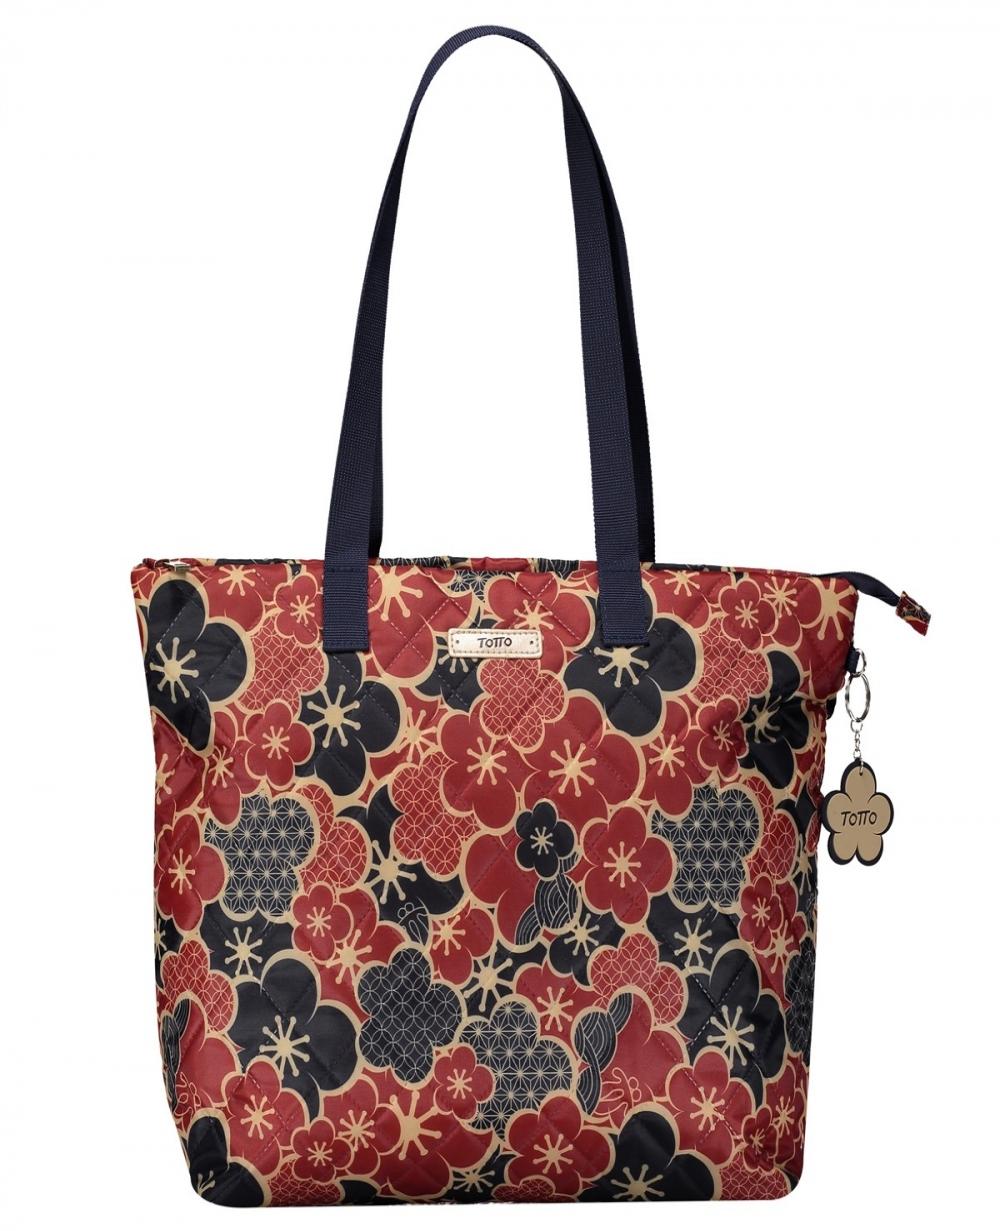 Totto Bolso shopper mujer Rojo (Foto )